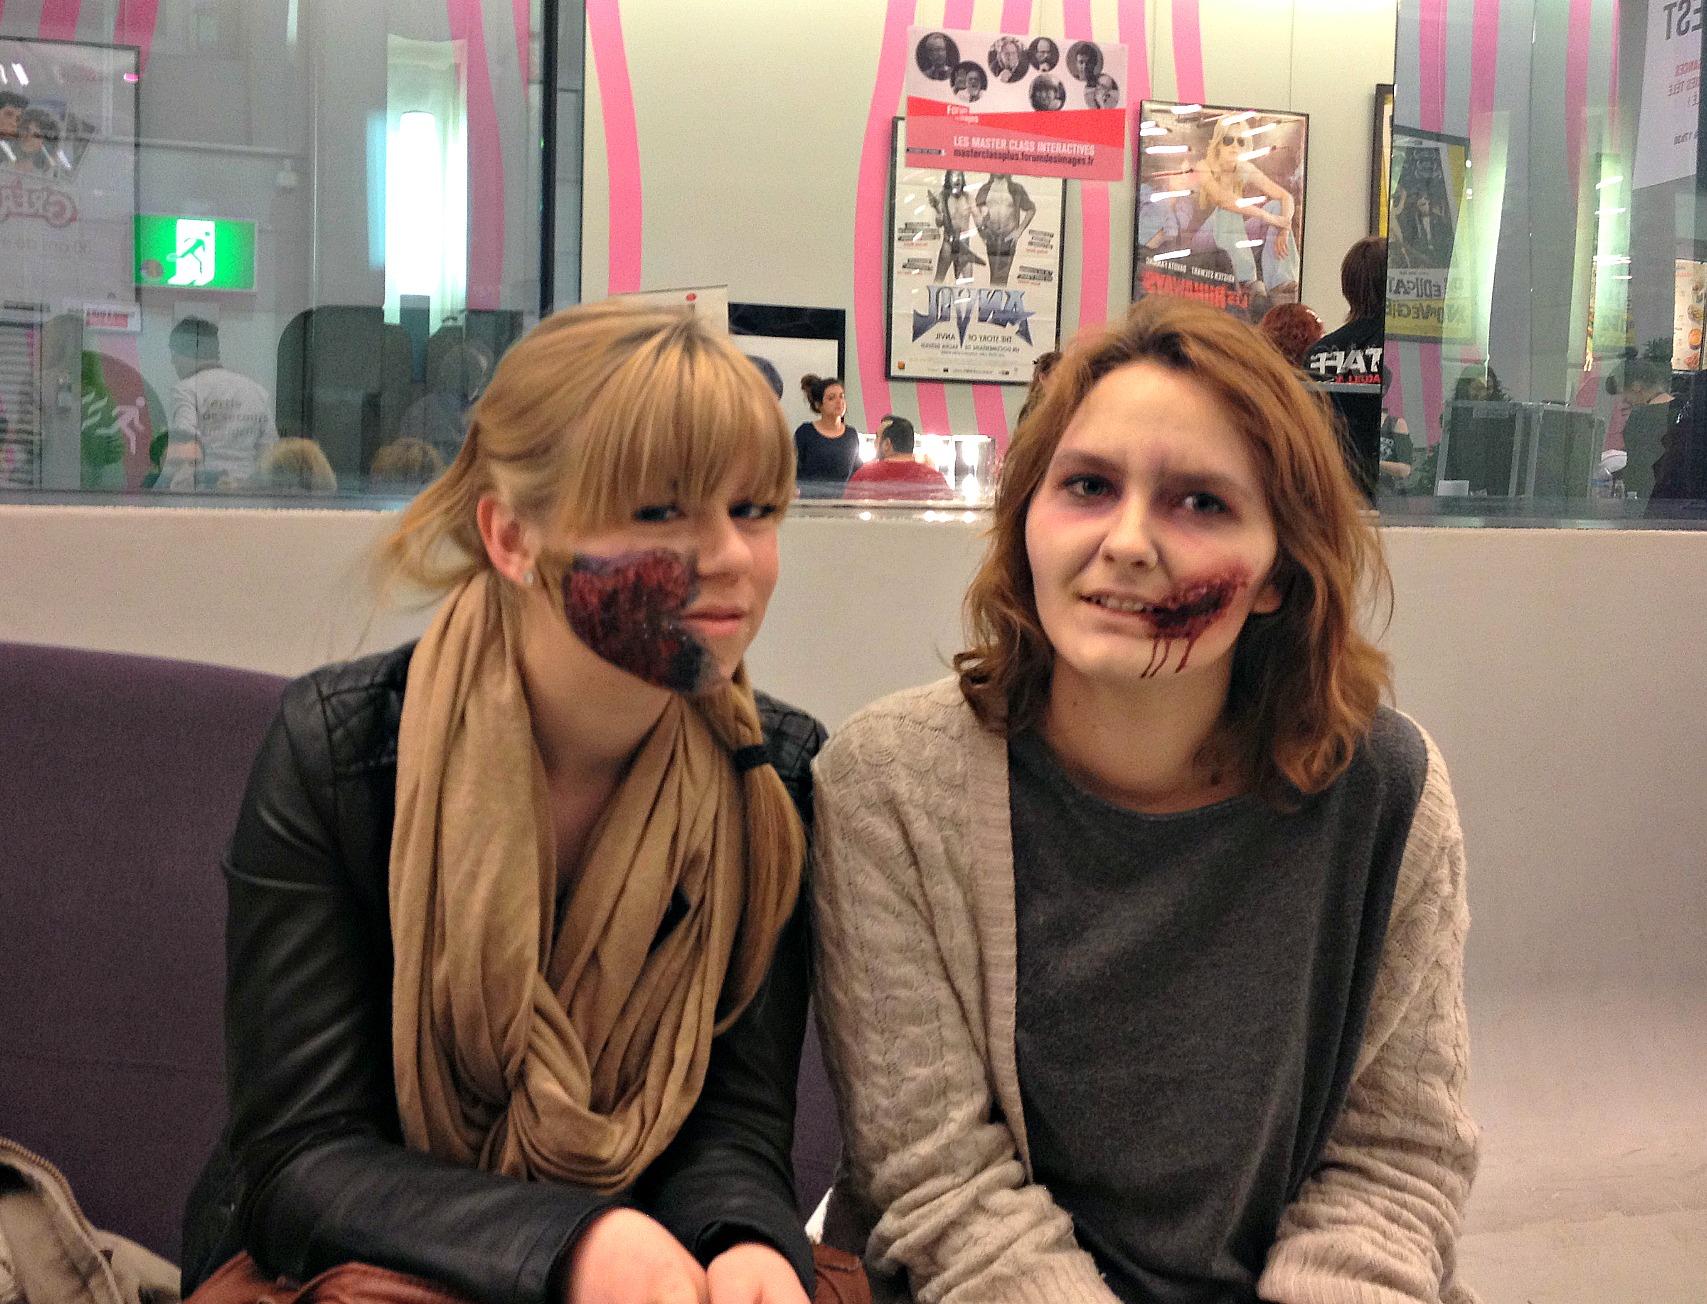 pretty zombies